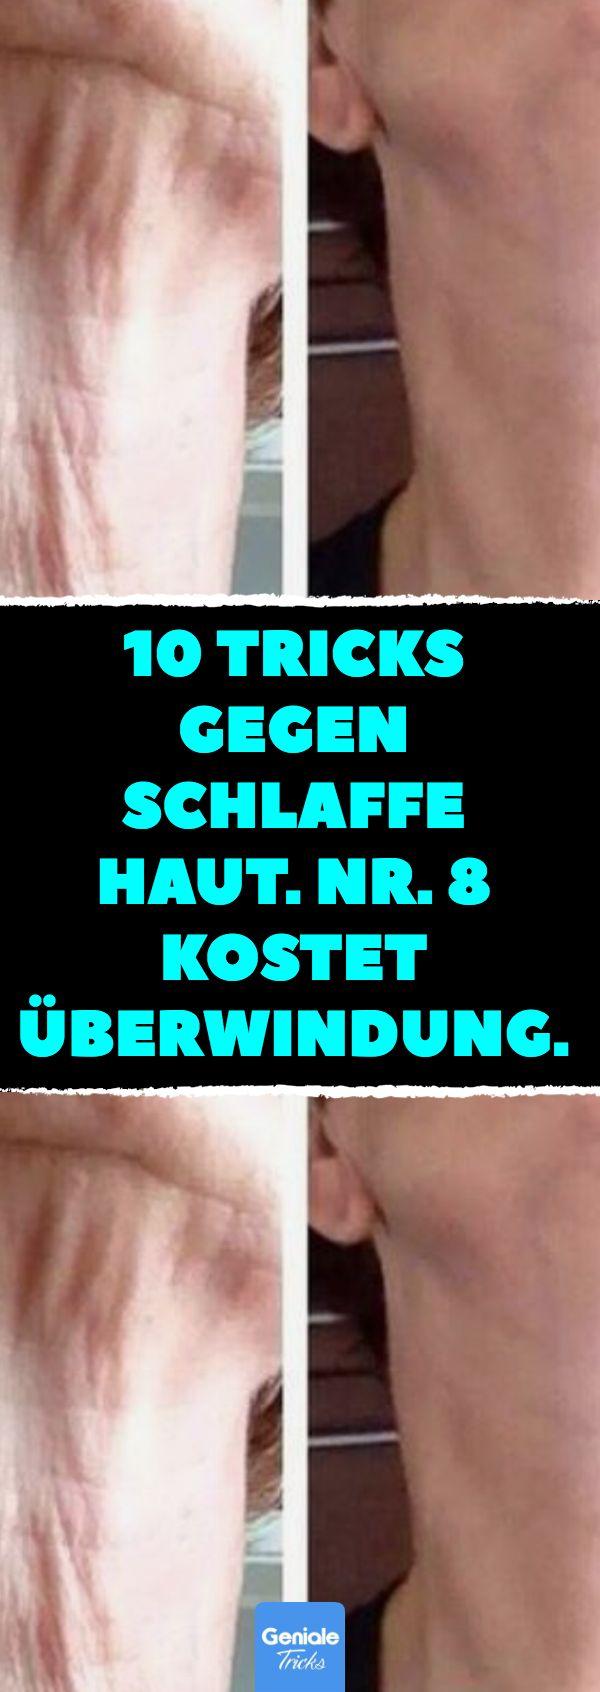 10 Blitz-Tipps gegen körperliche Erschlaffung. Nr. 8 kostet Überwindung. Haut …